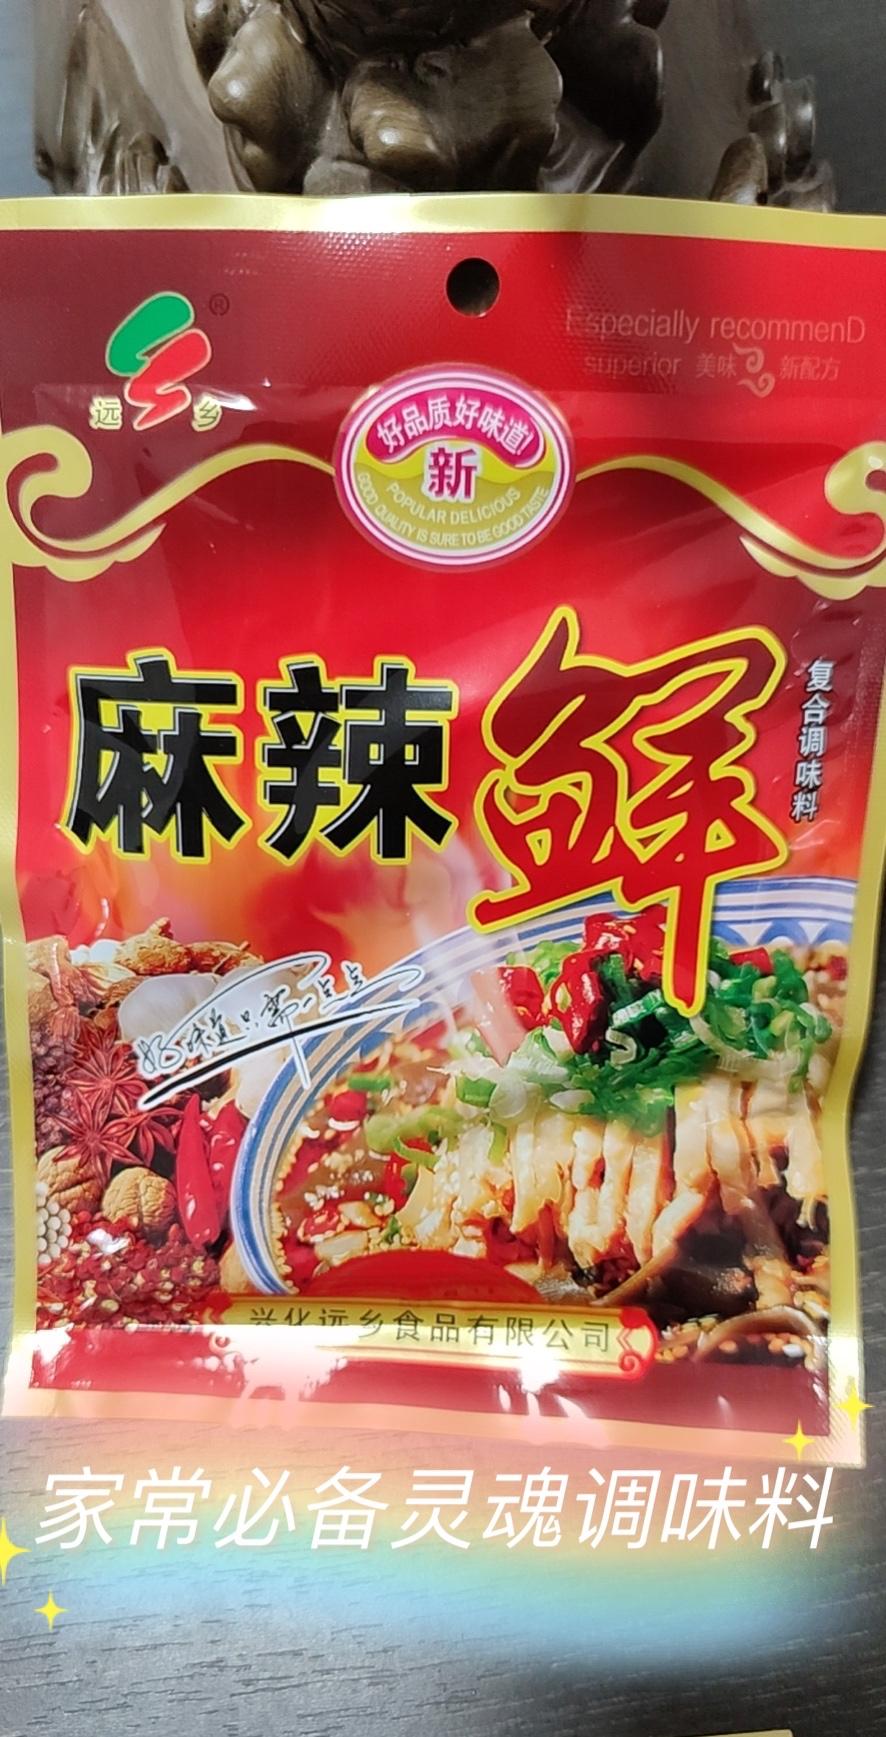 麻辣鲜调味料凉拌菜炒菜料